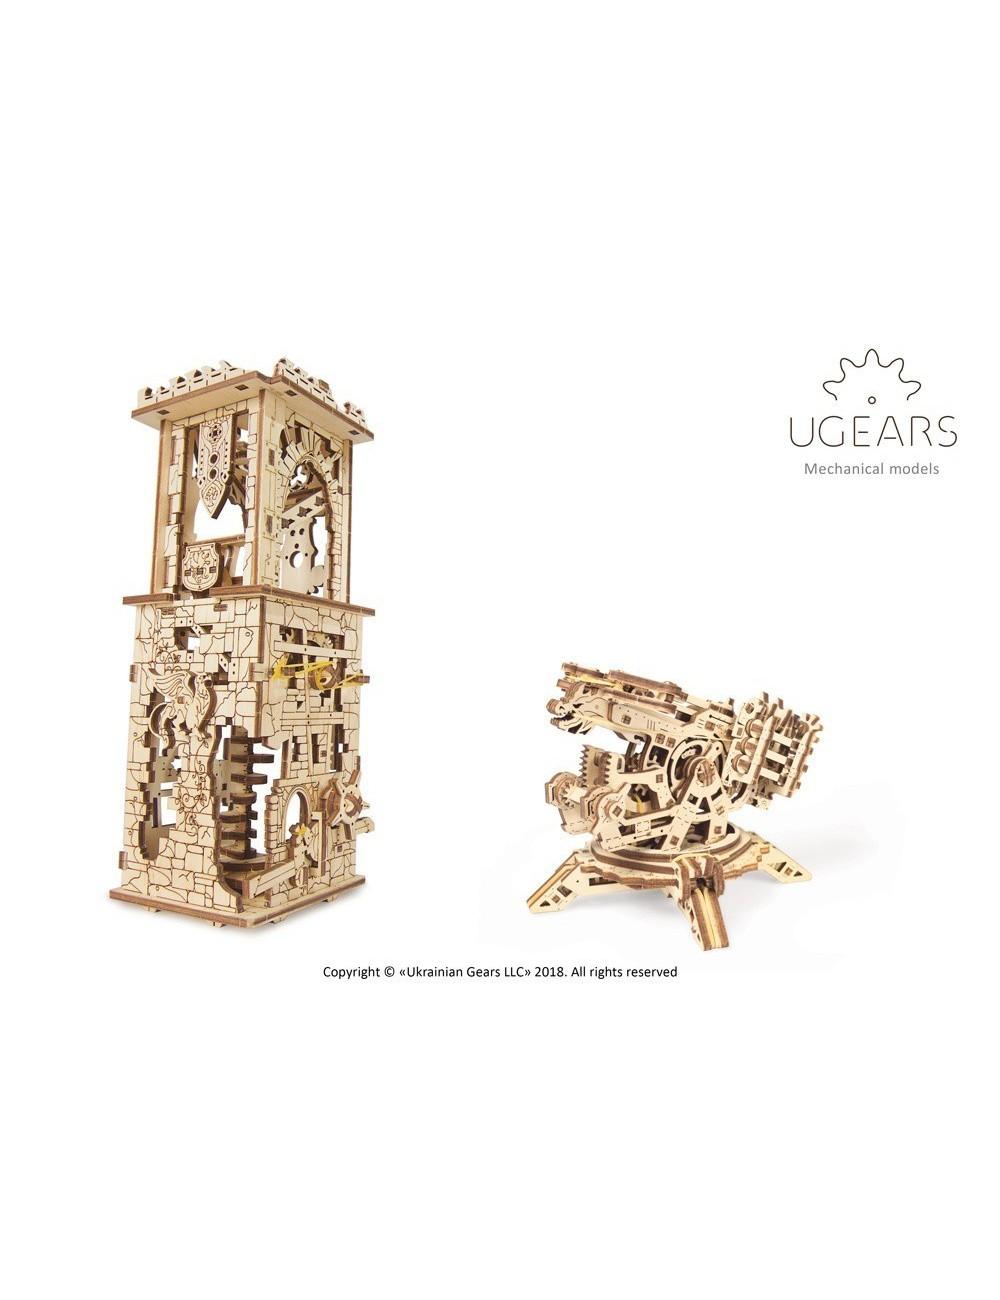 Torre de Archibalista (Archballista-Tower)